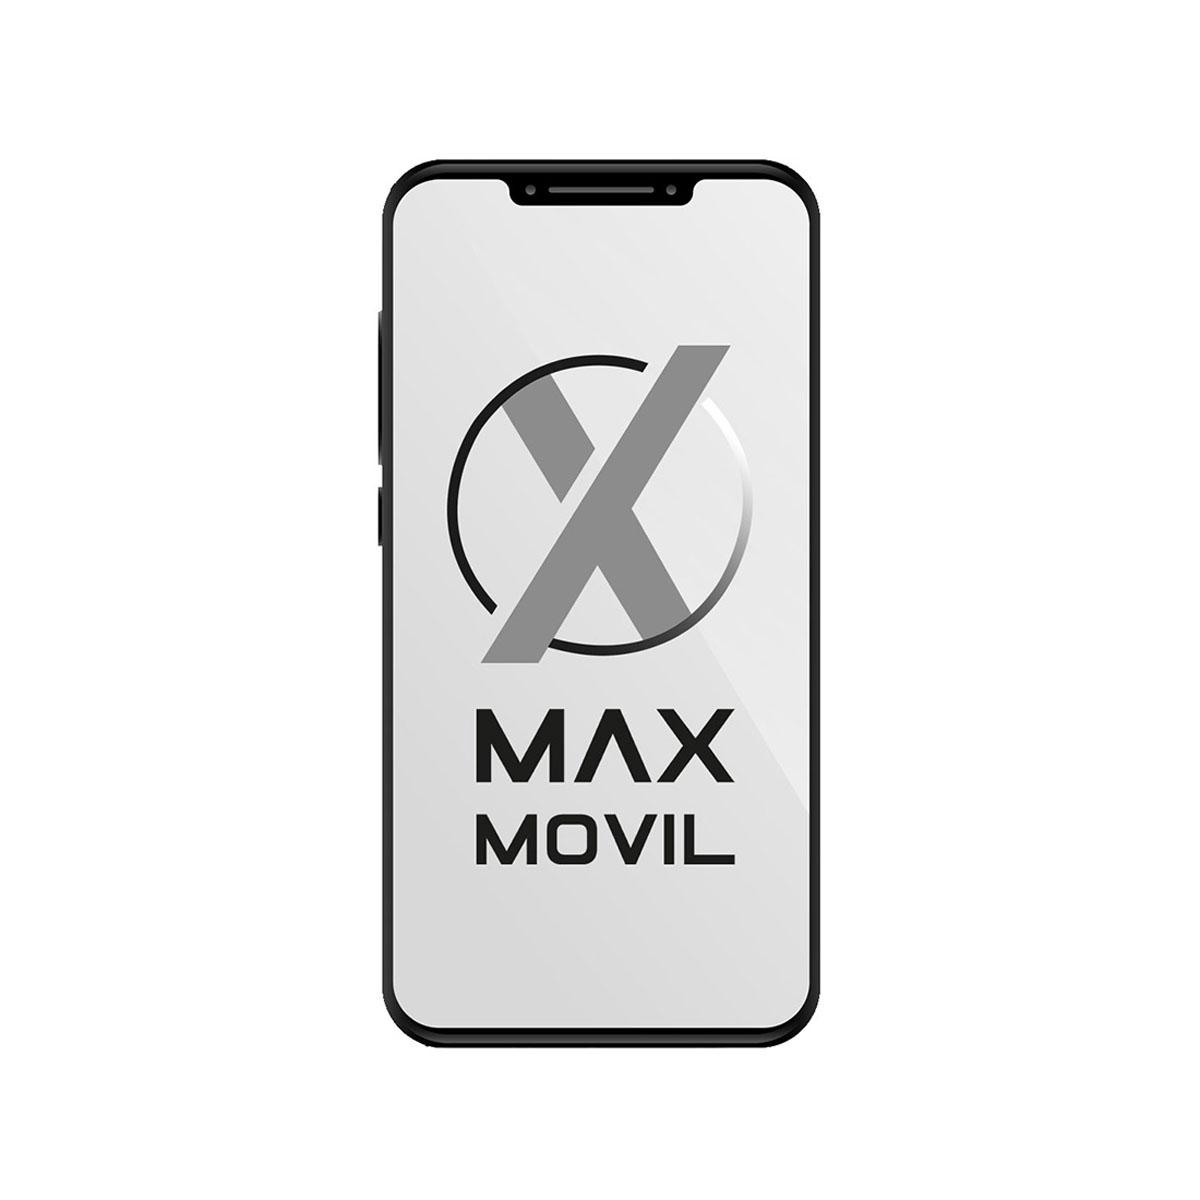 Auriculares estéreo Sony MDR-ZX310 rojo y negro